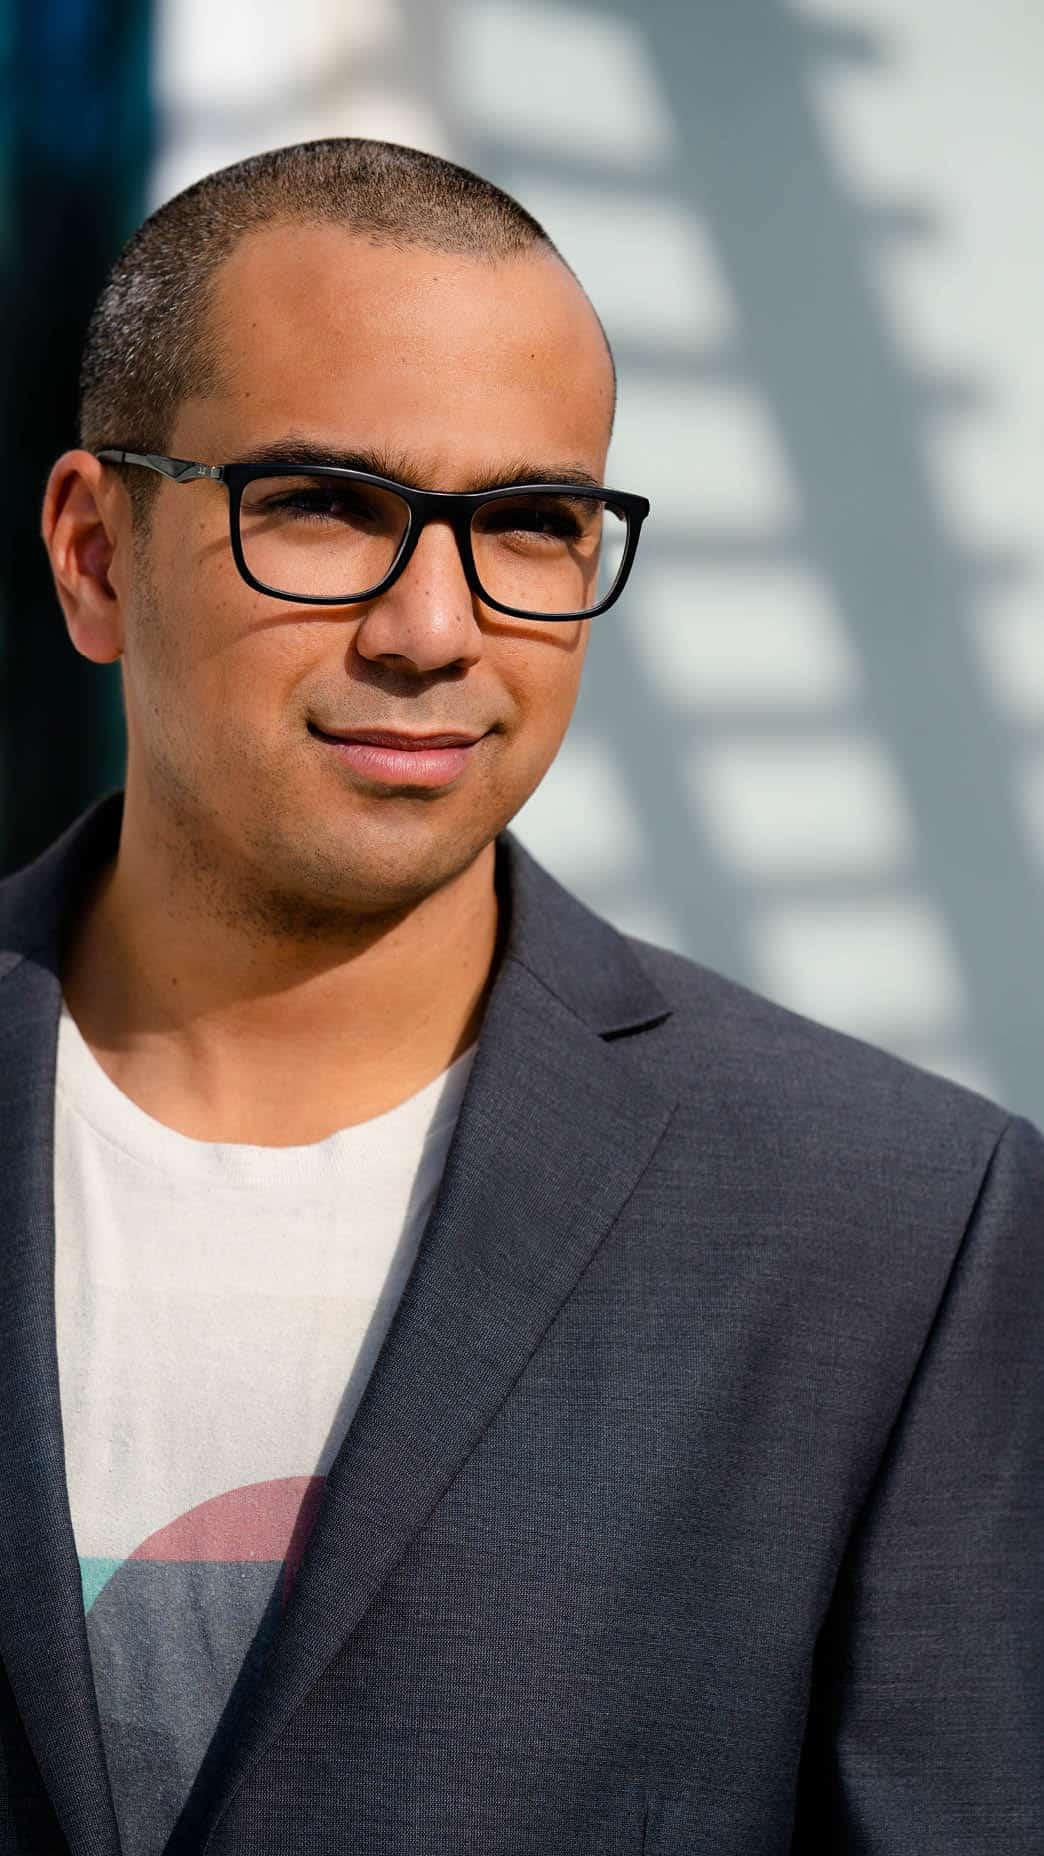 Darren DeMatas